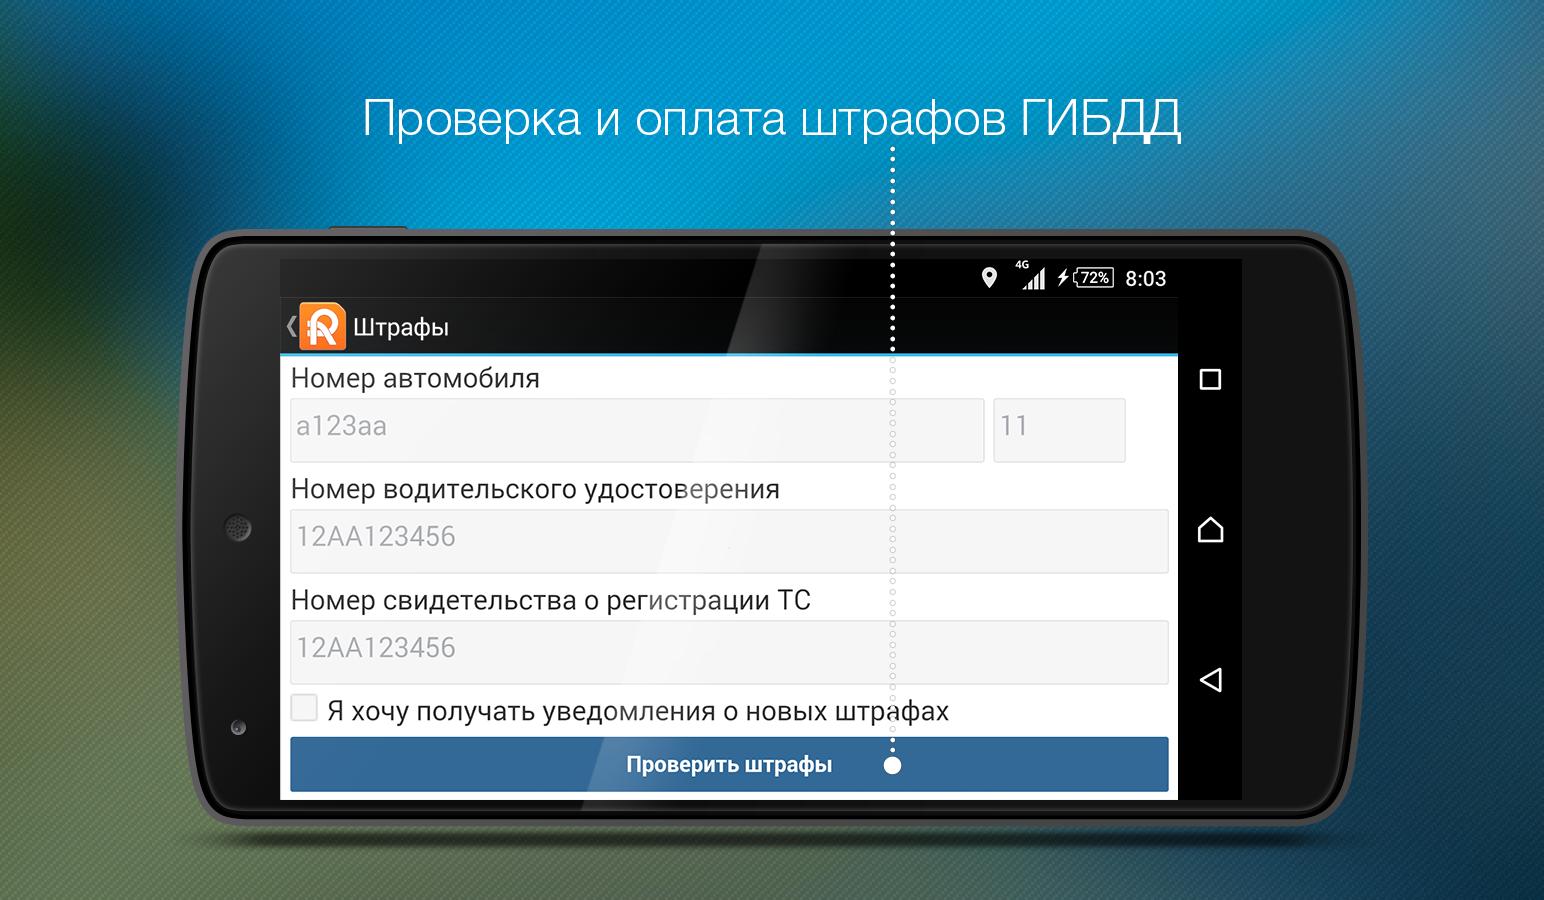 Скачать сотовые операторы 1. 72 для android бесплатно.